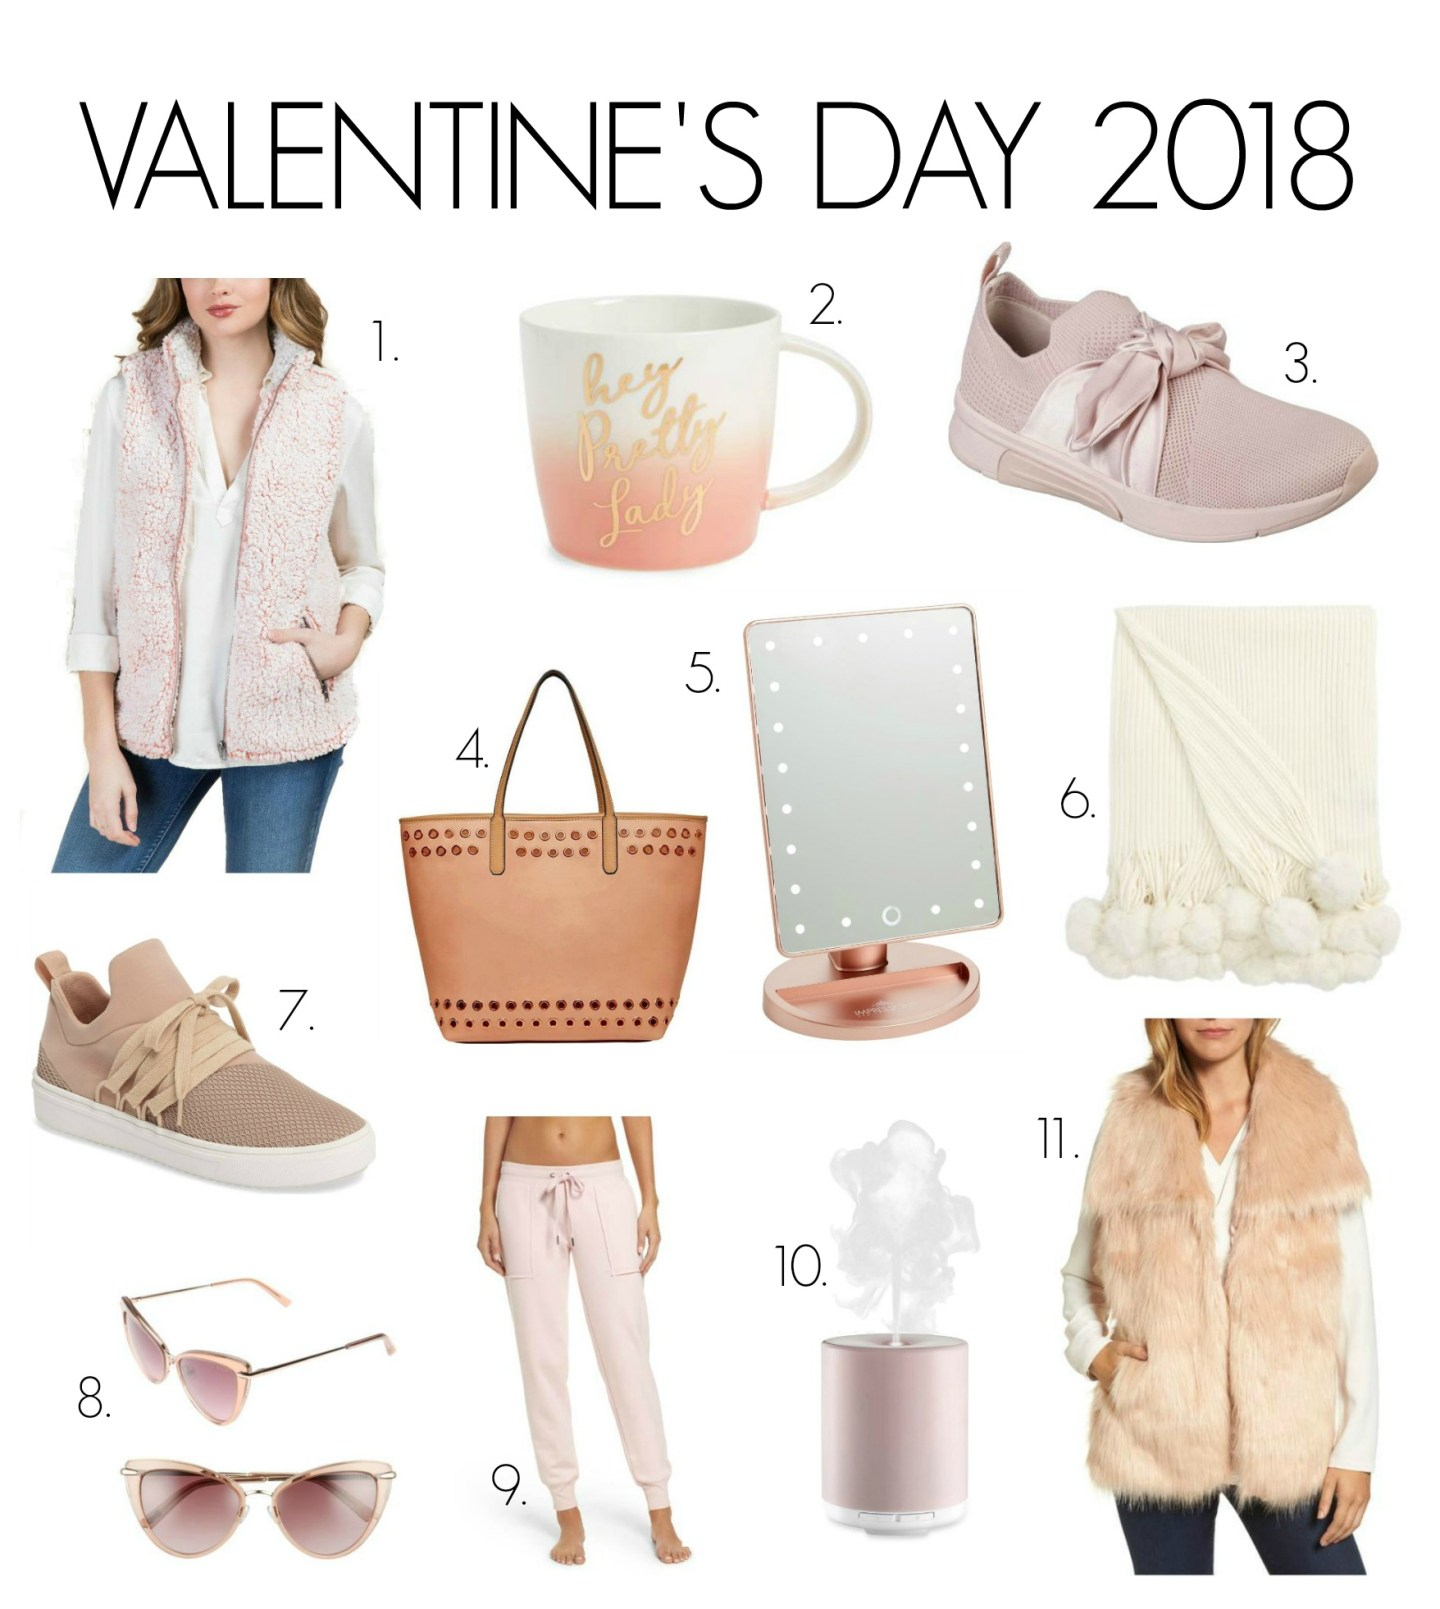 Under $100 Valentine's Day Gift ideas